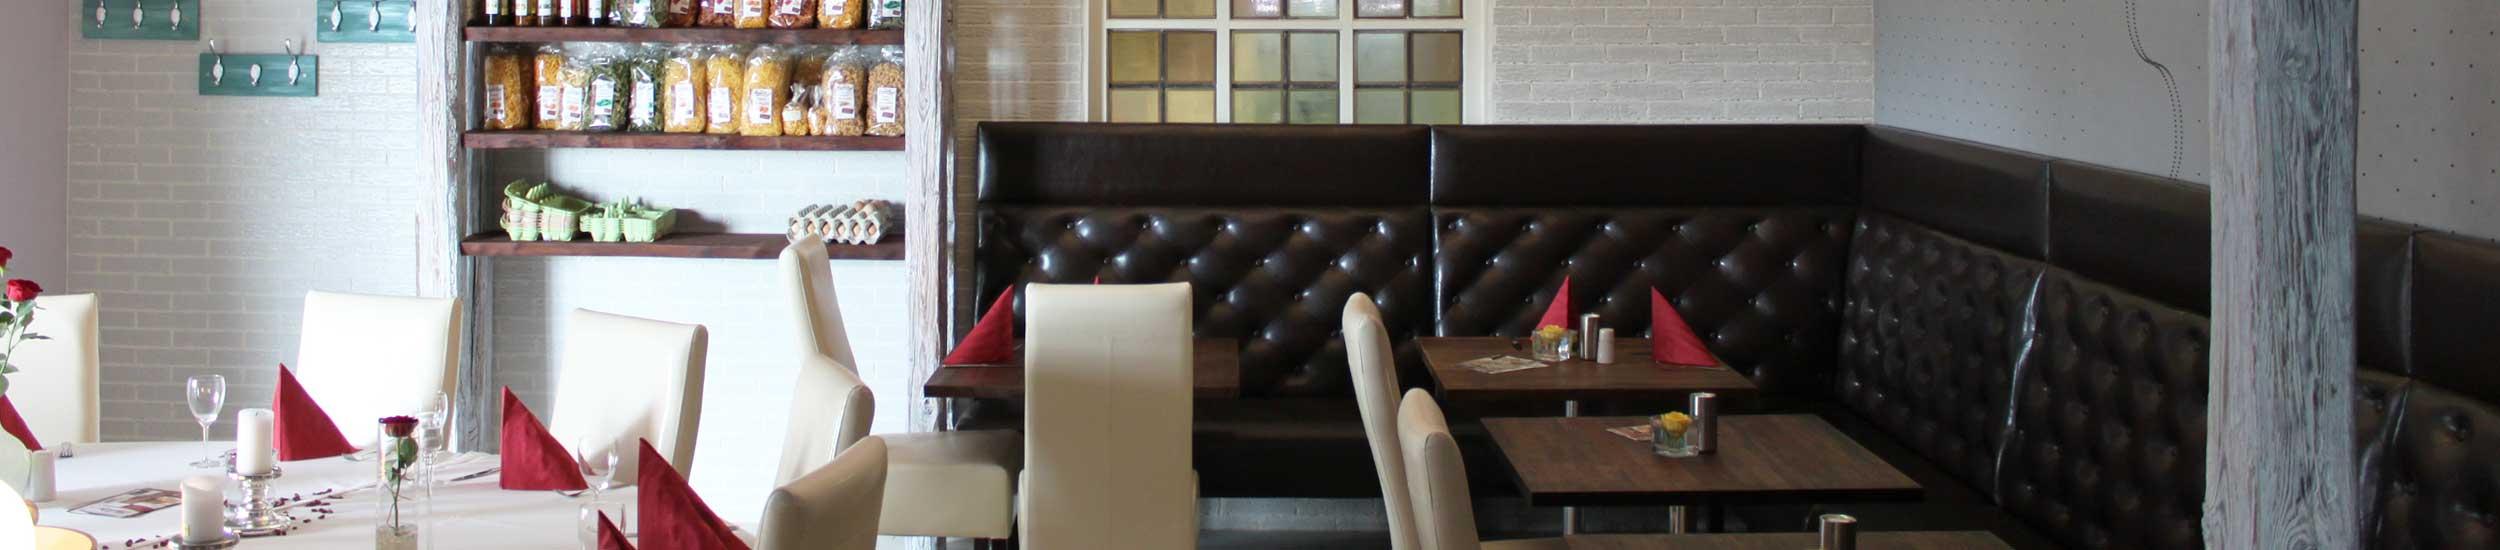 Restaurant-Coburg